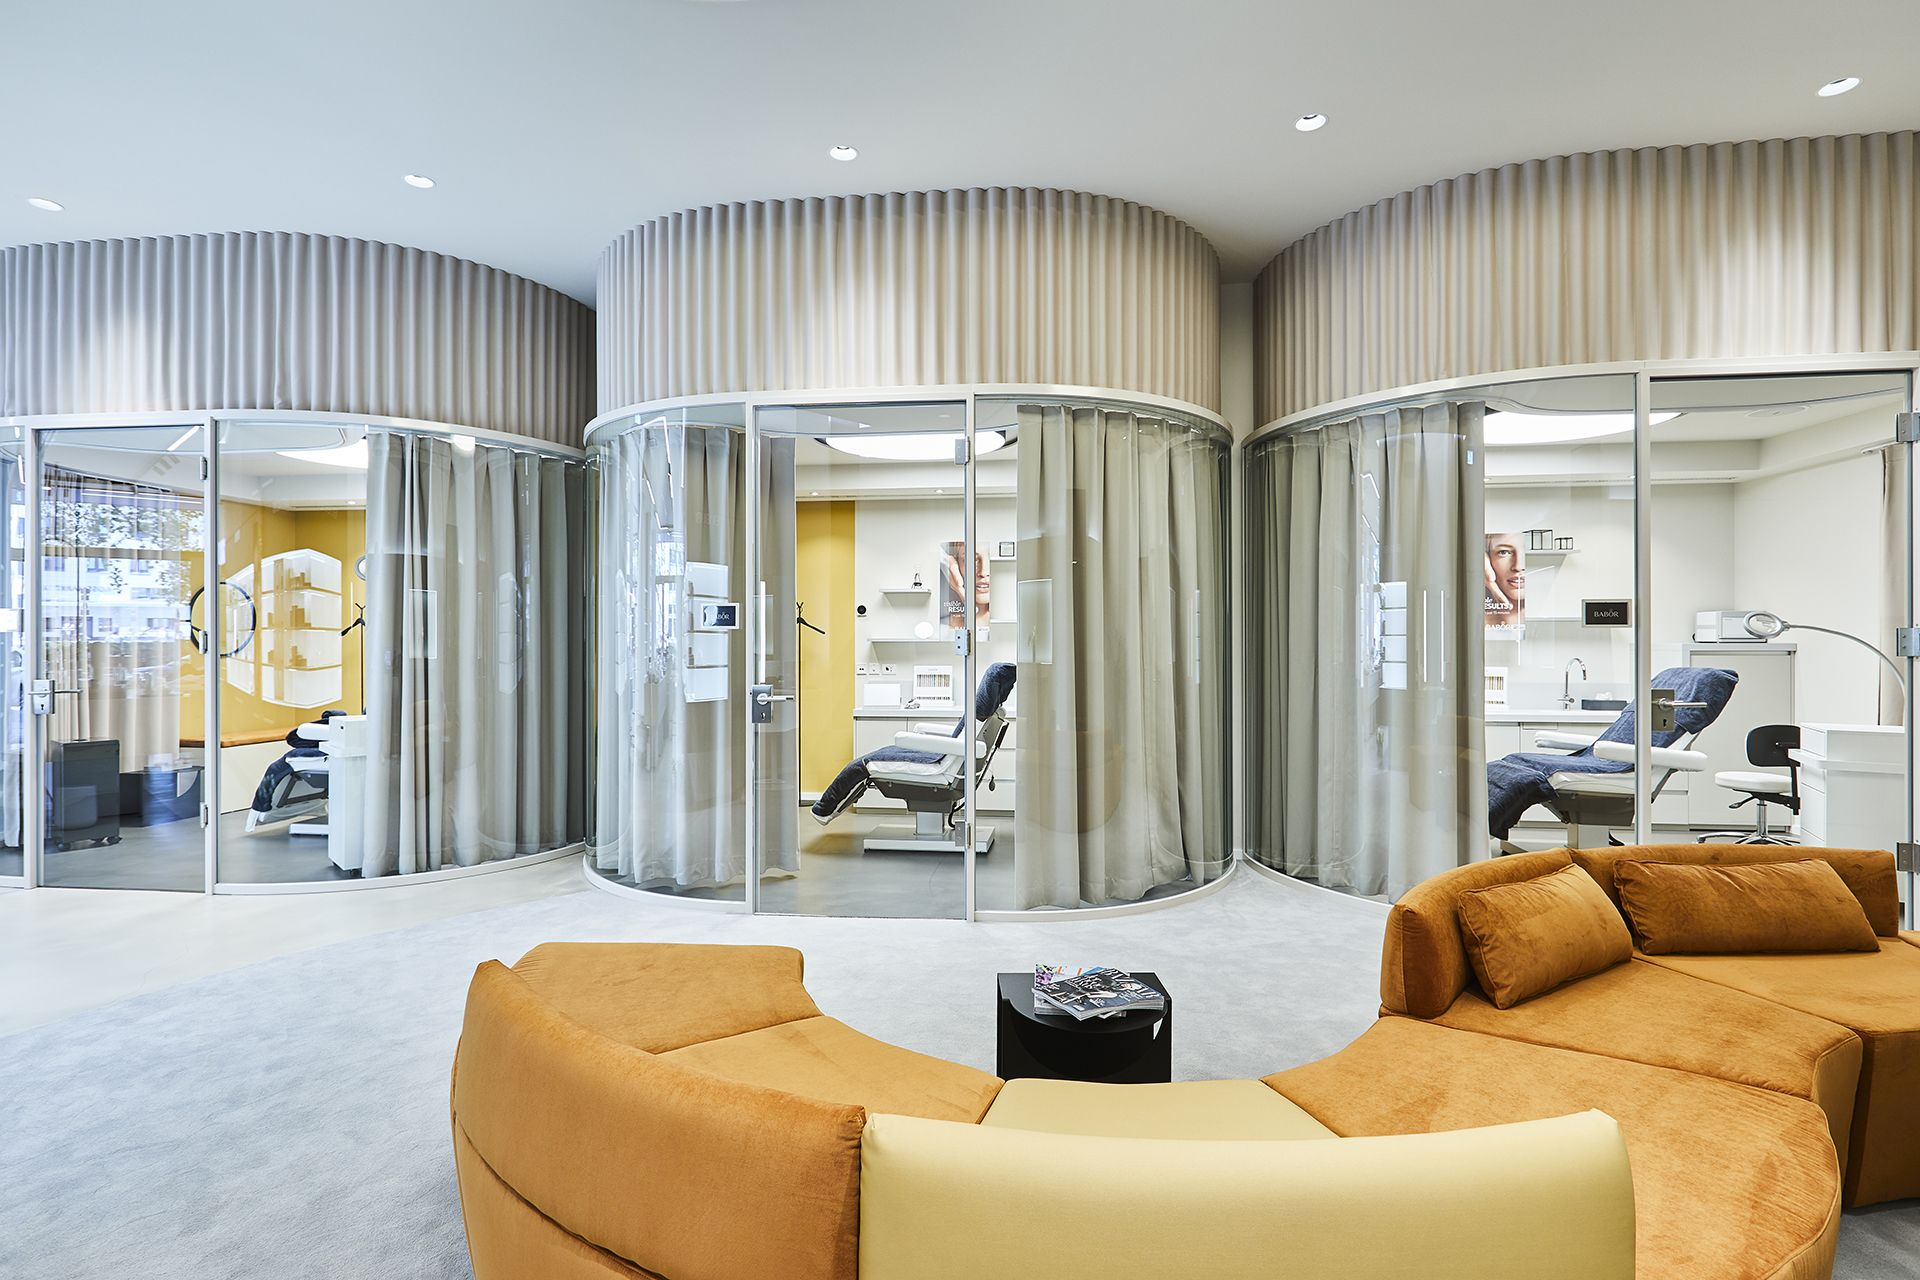 Wohnwelt & Innenausbau in 2020 Raumteiler, Badezimmer